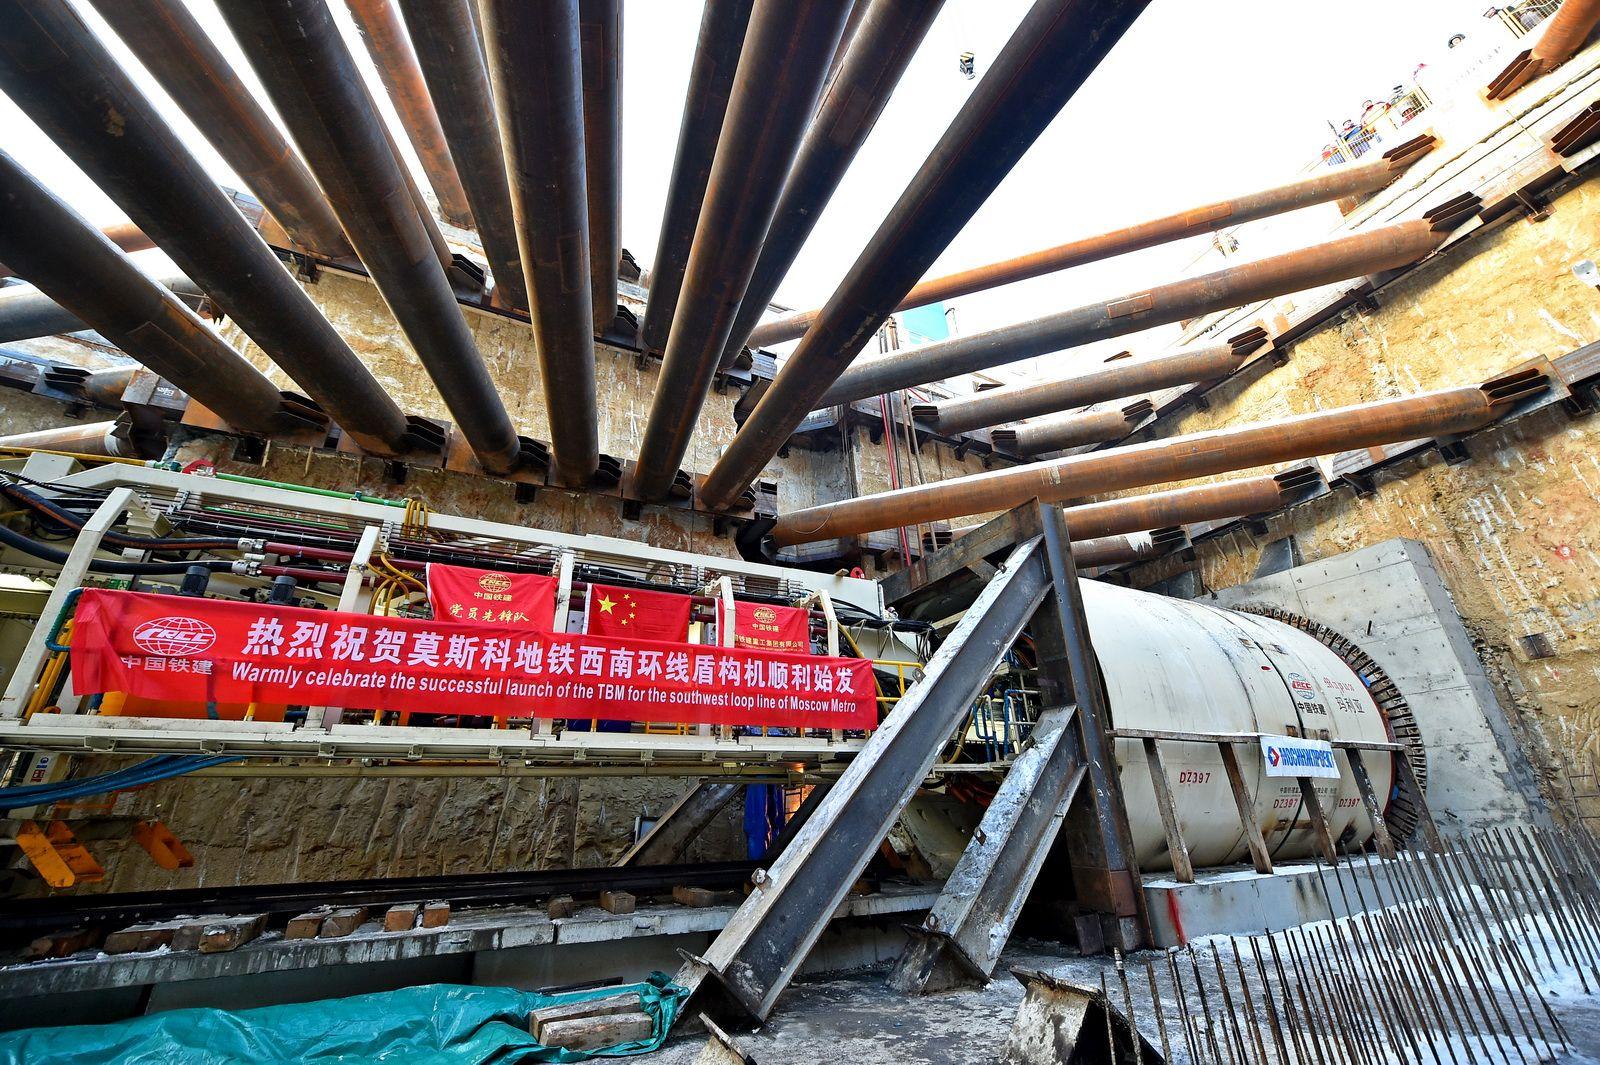 Москва подписала с китайским гигантом новое соглашение по метро